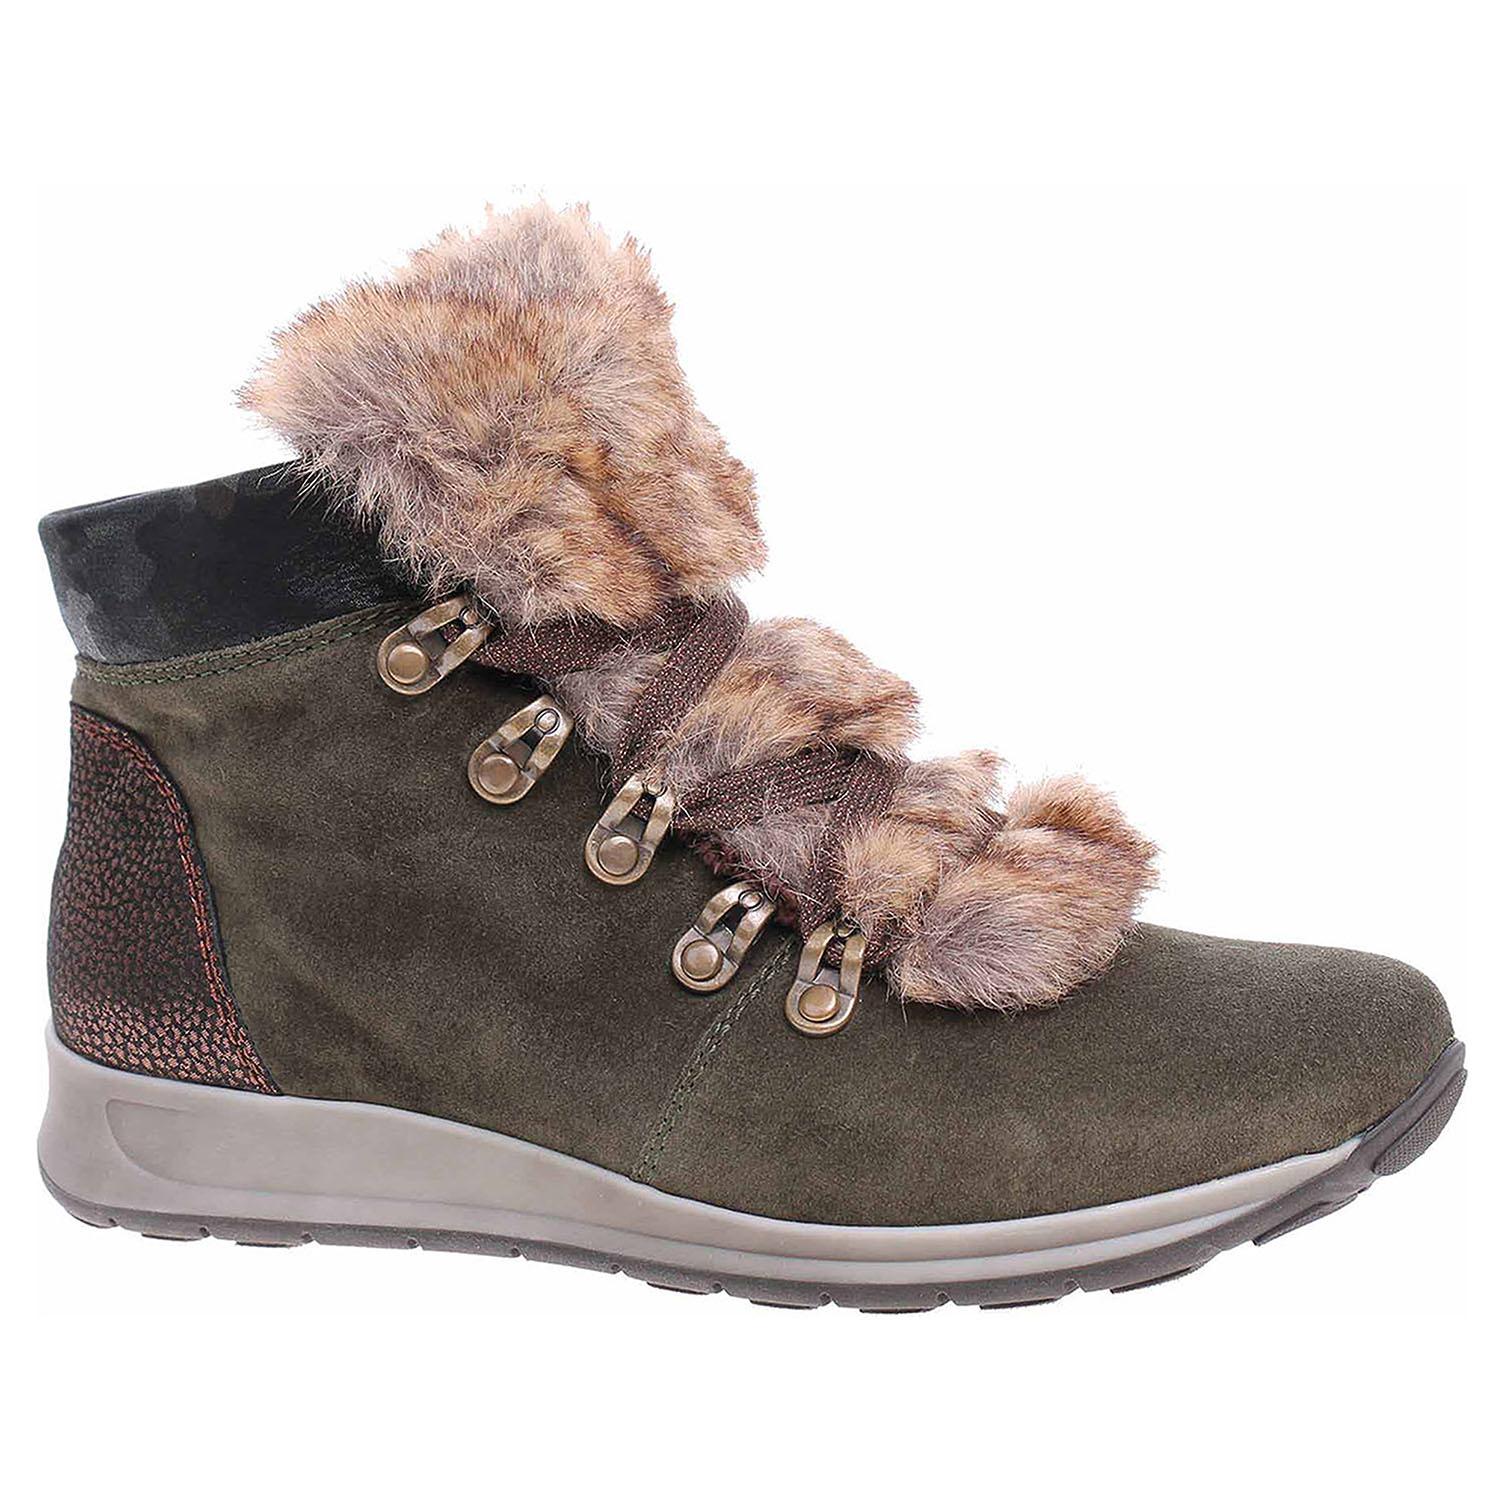 Dámská kotníková obuv Ara 12-44515-78 forest-moro-copper 12-44515-78 38